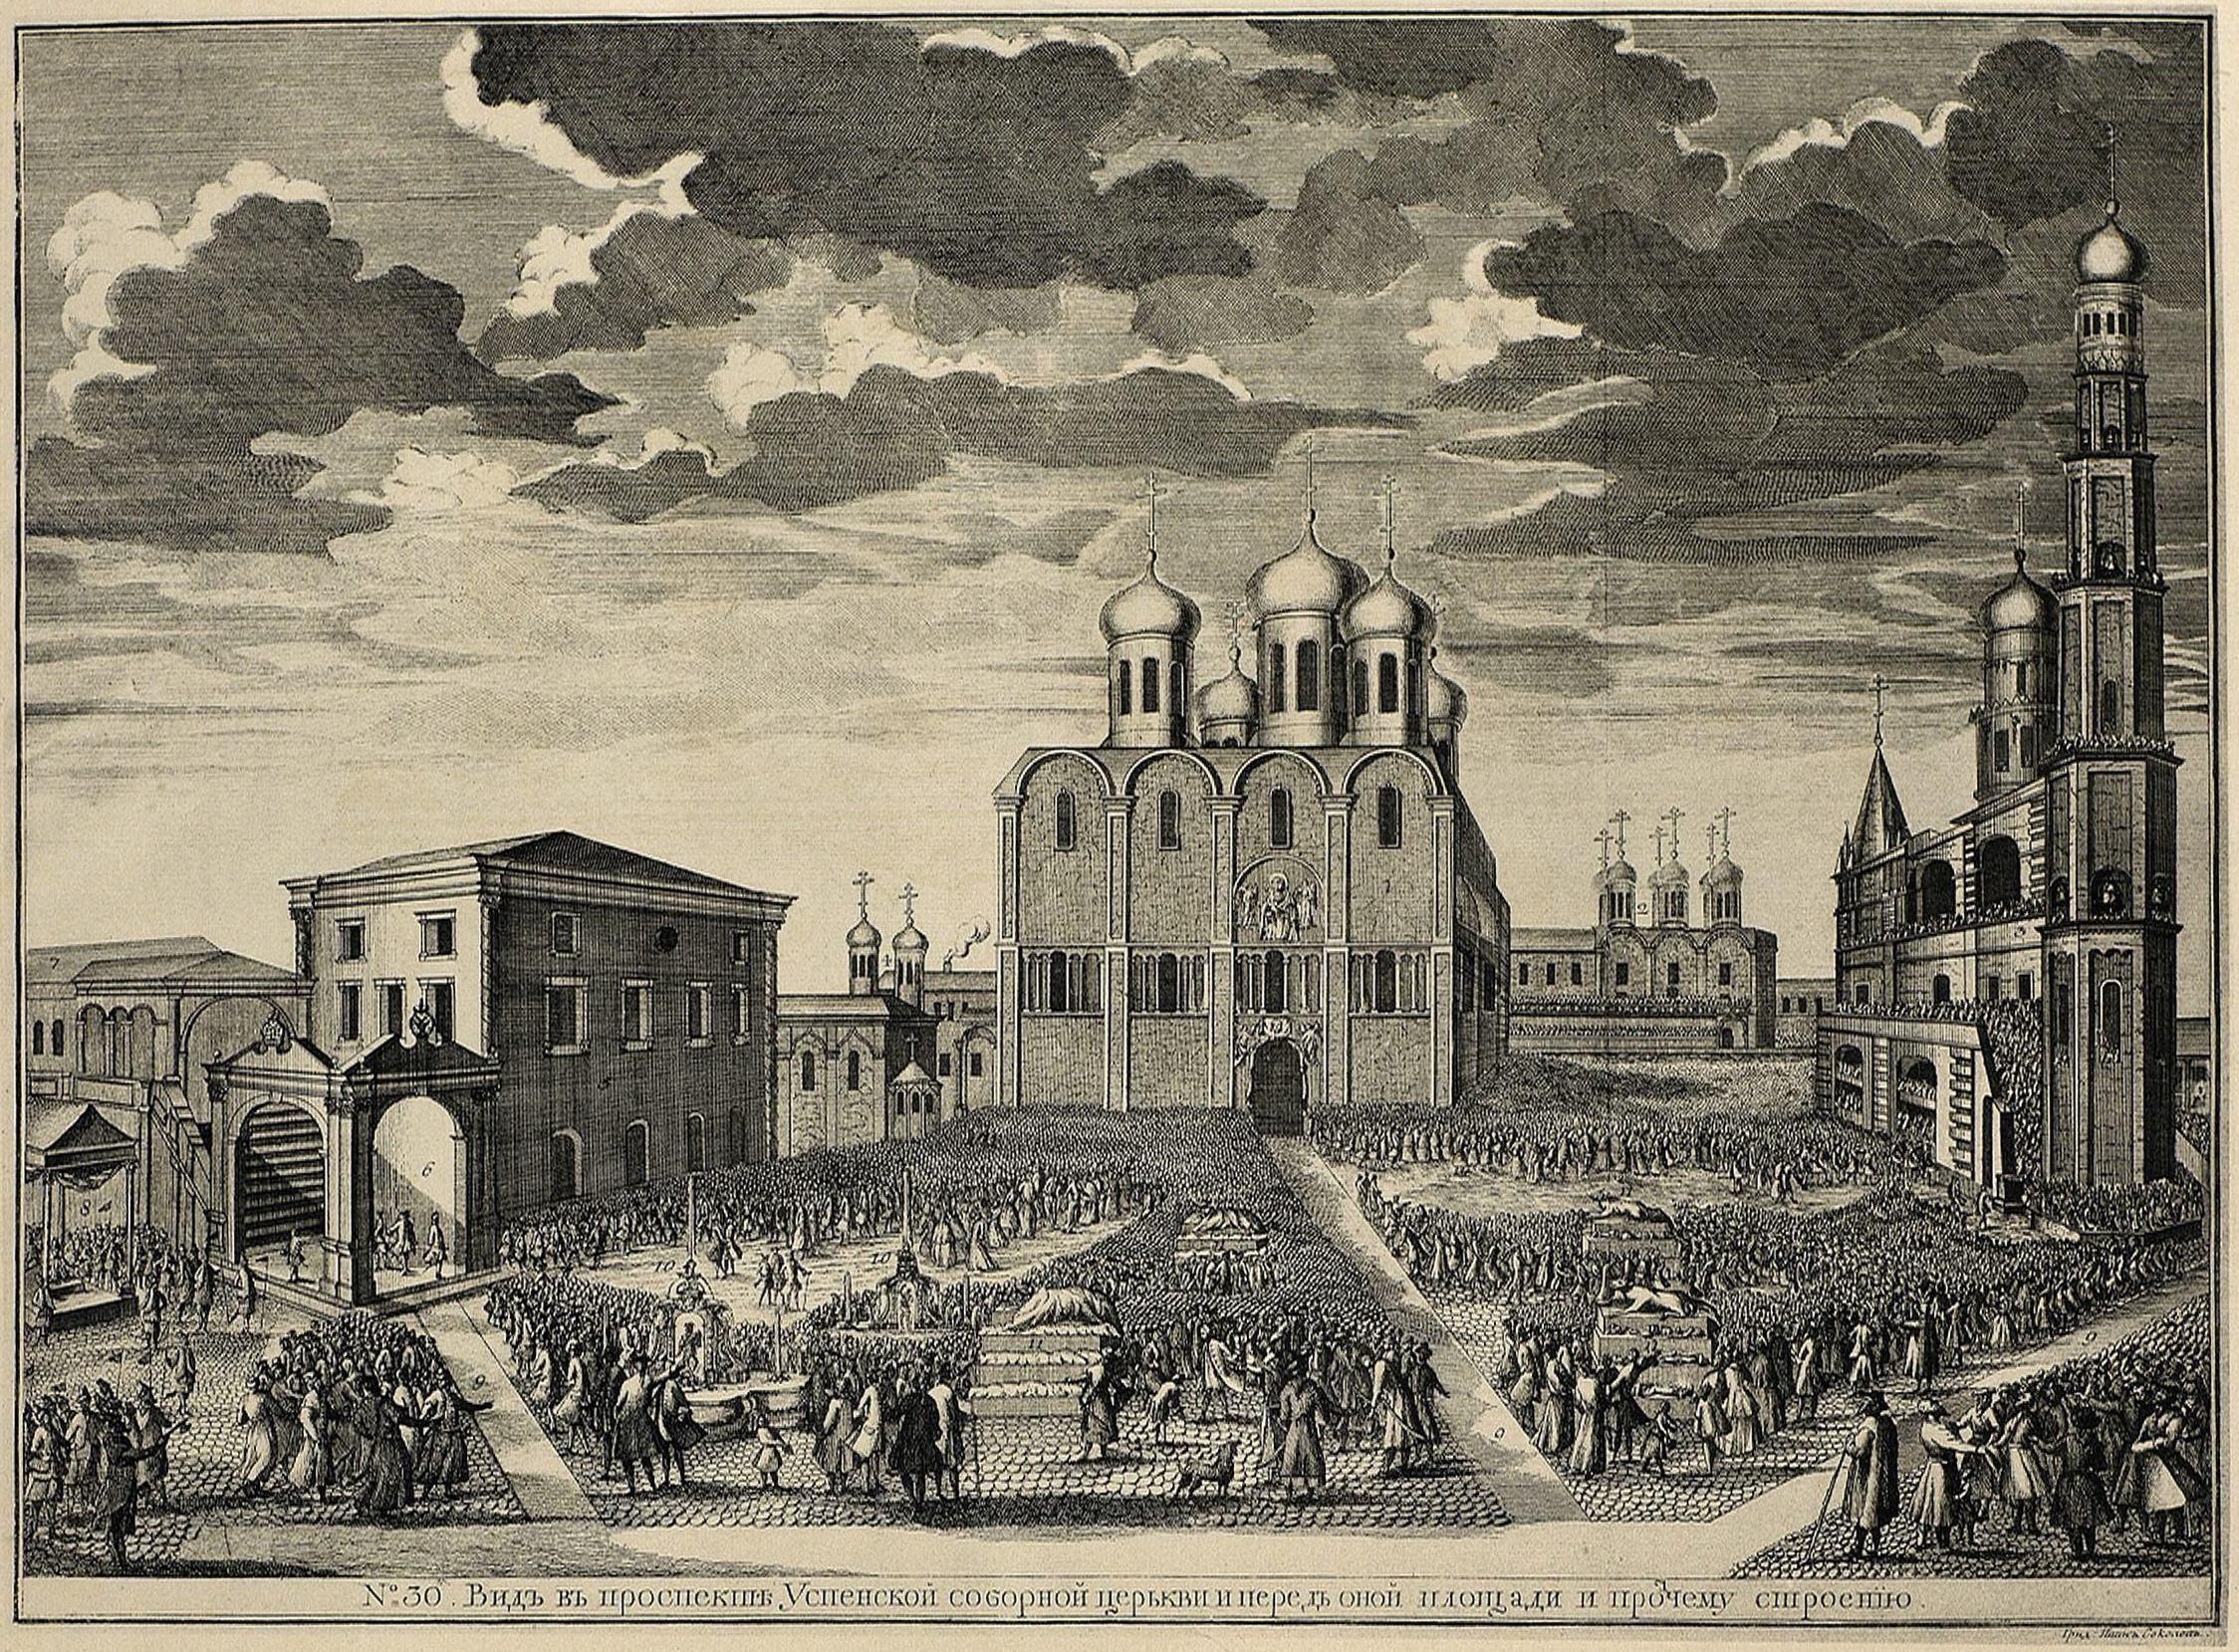 Вид в проспекте Успенской соборной церкви и перед оной площади и пр.  строению. Из